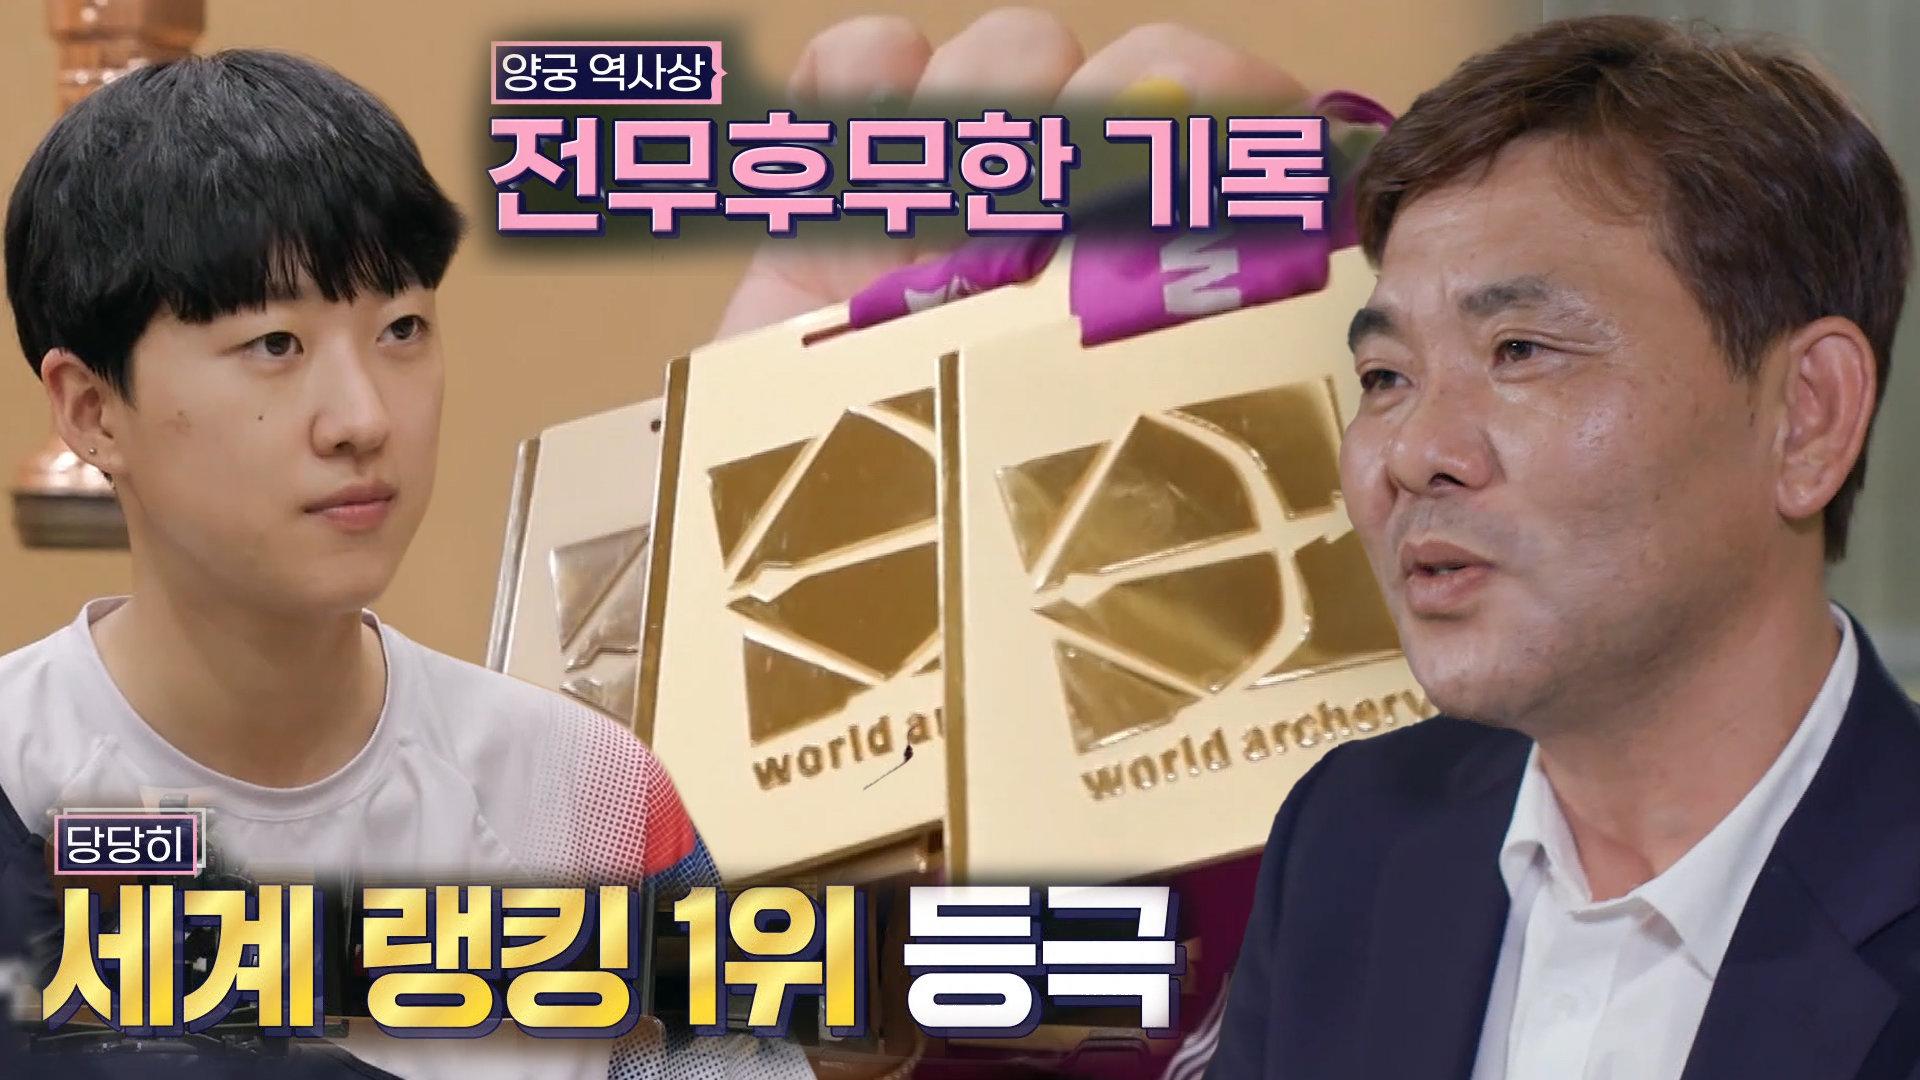 '세계 랭킹 1위' 안산, 양궁 역사상 새역사 창조